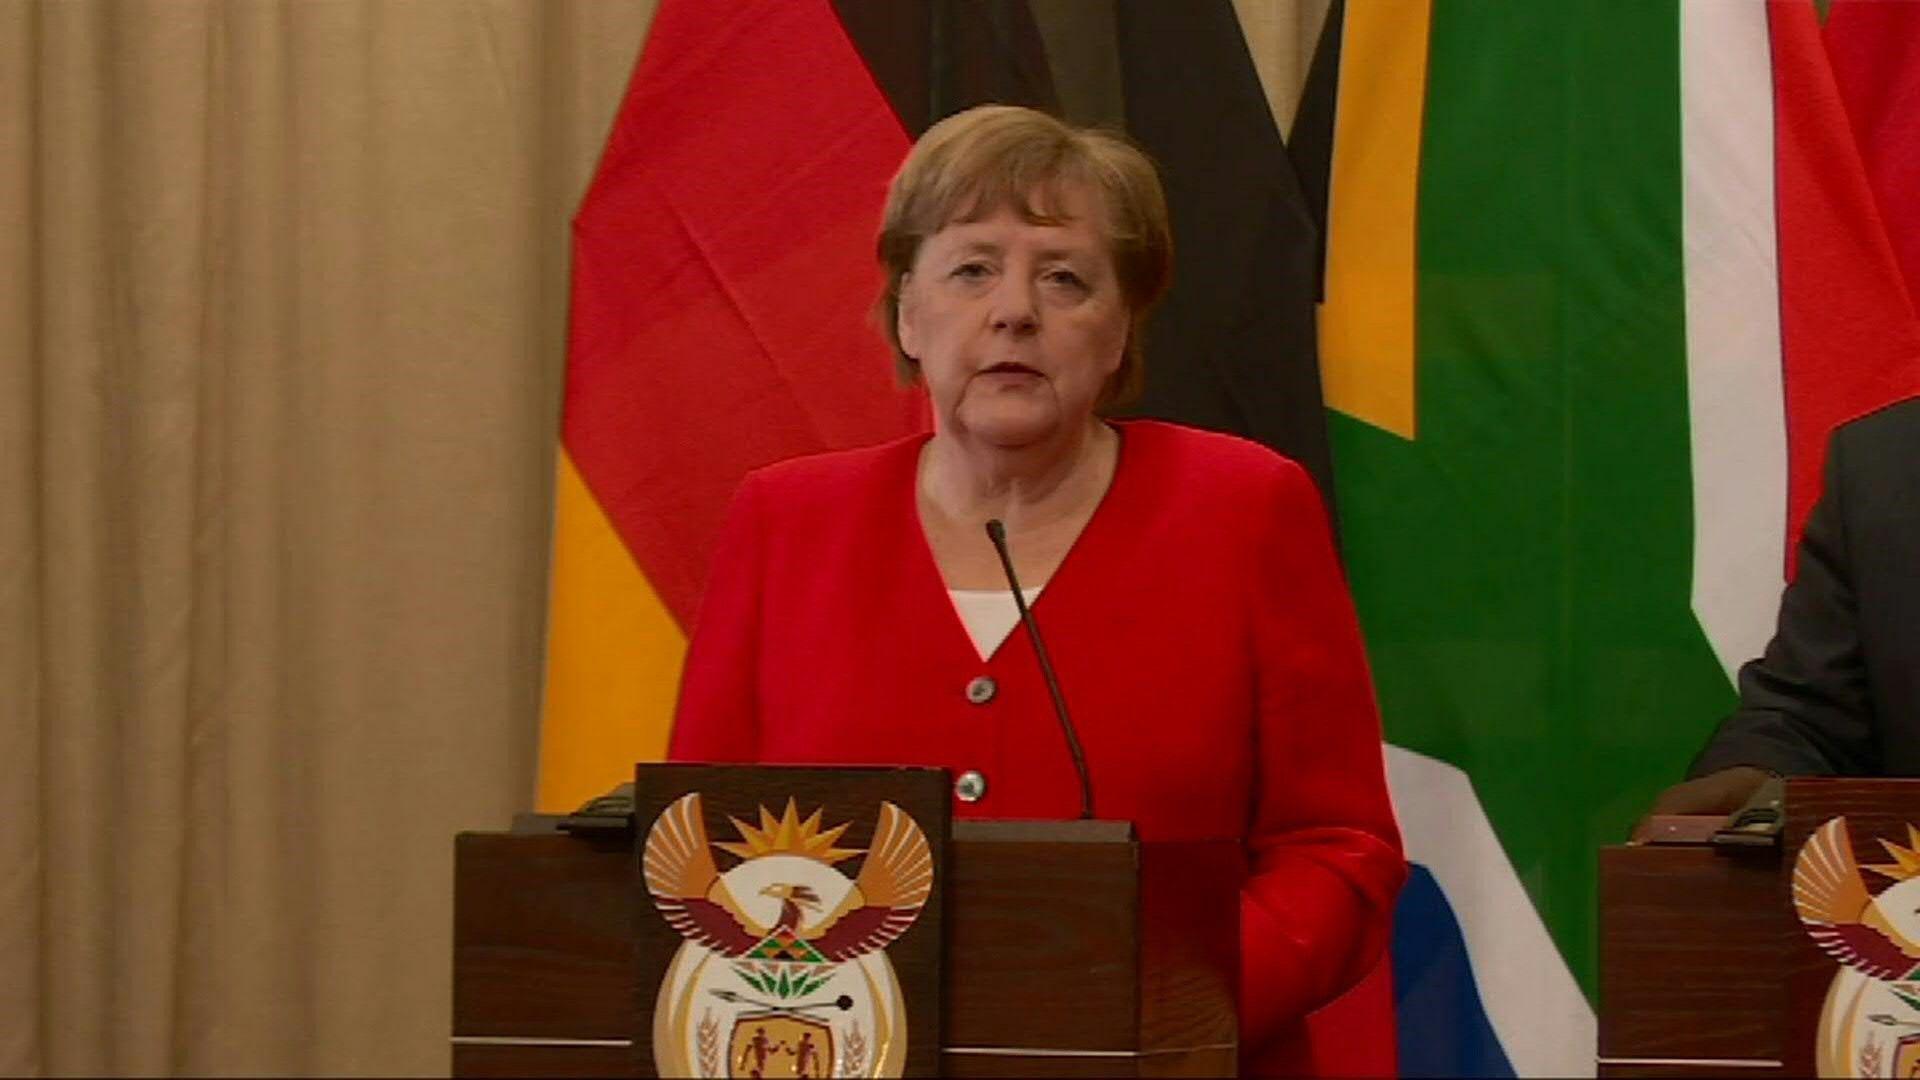 Angela Merkel in Afrika - Bild: AFP via glomex